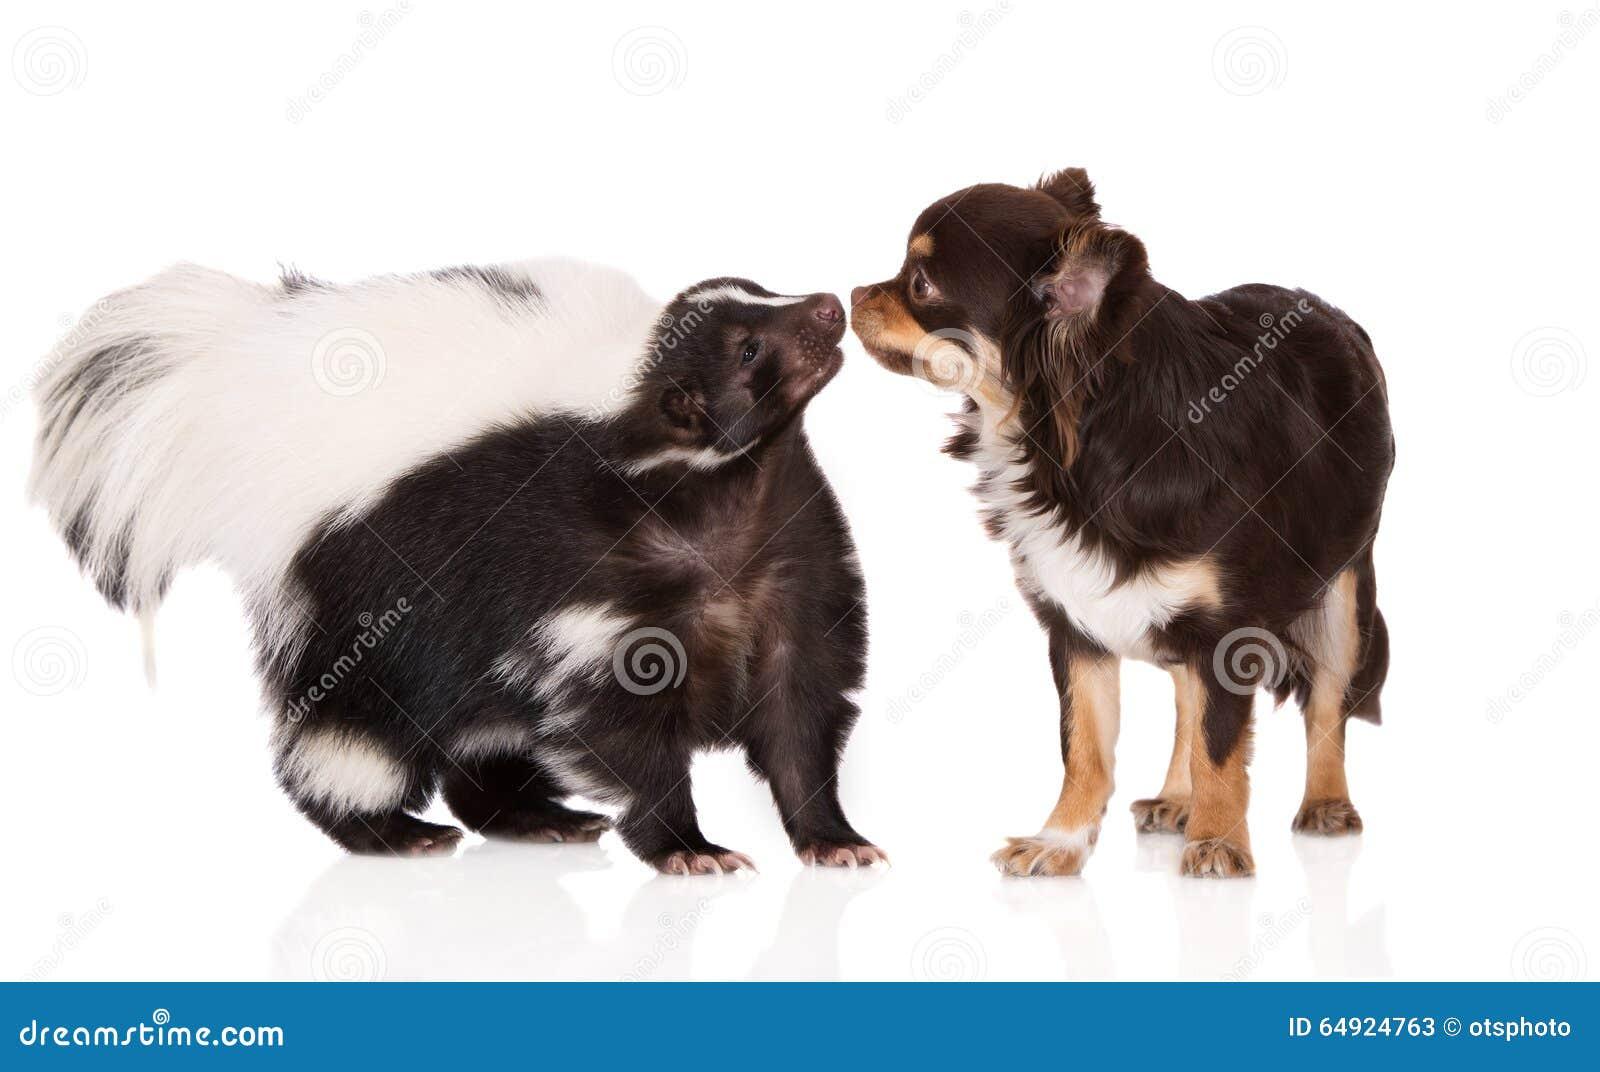 Stinktier- und Chihuahuahund